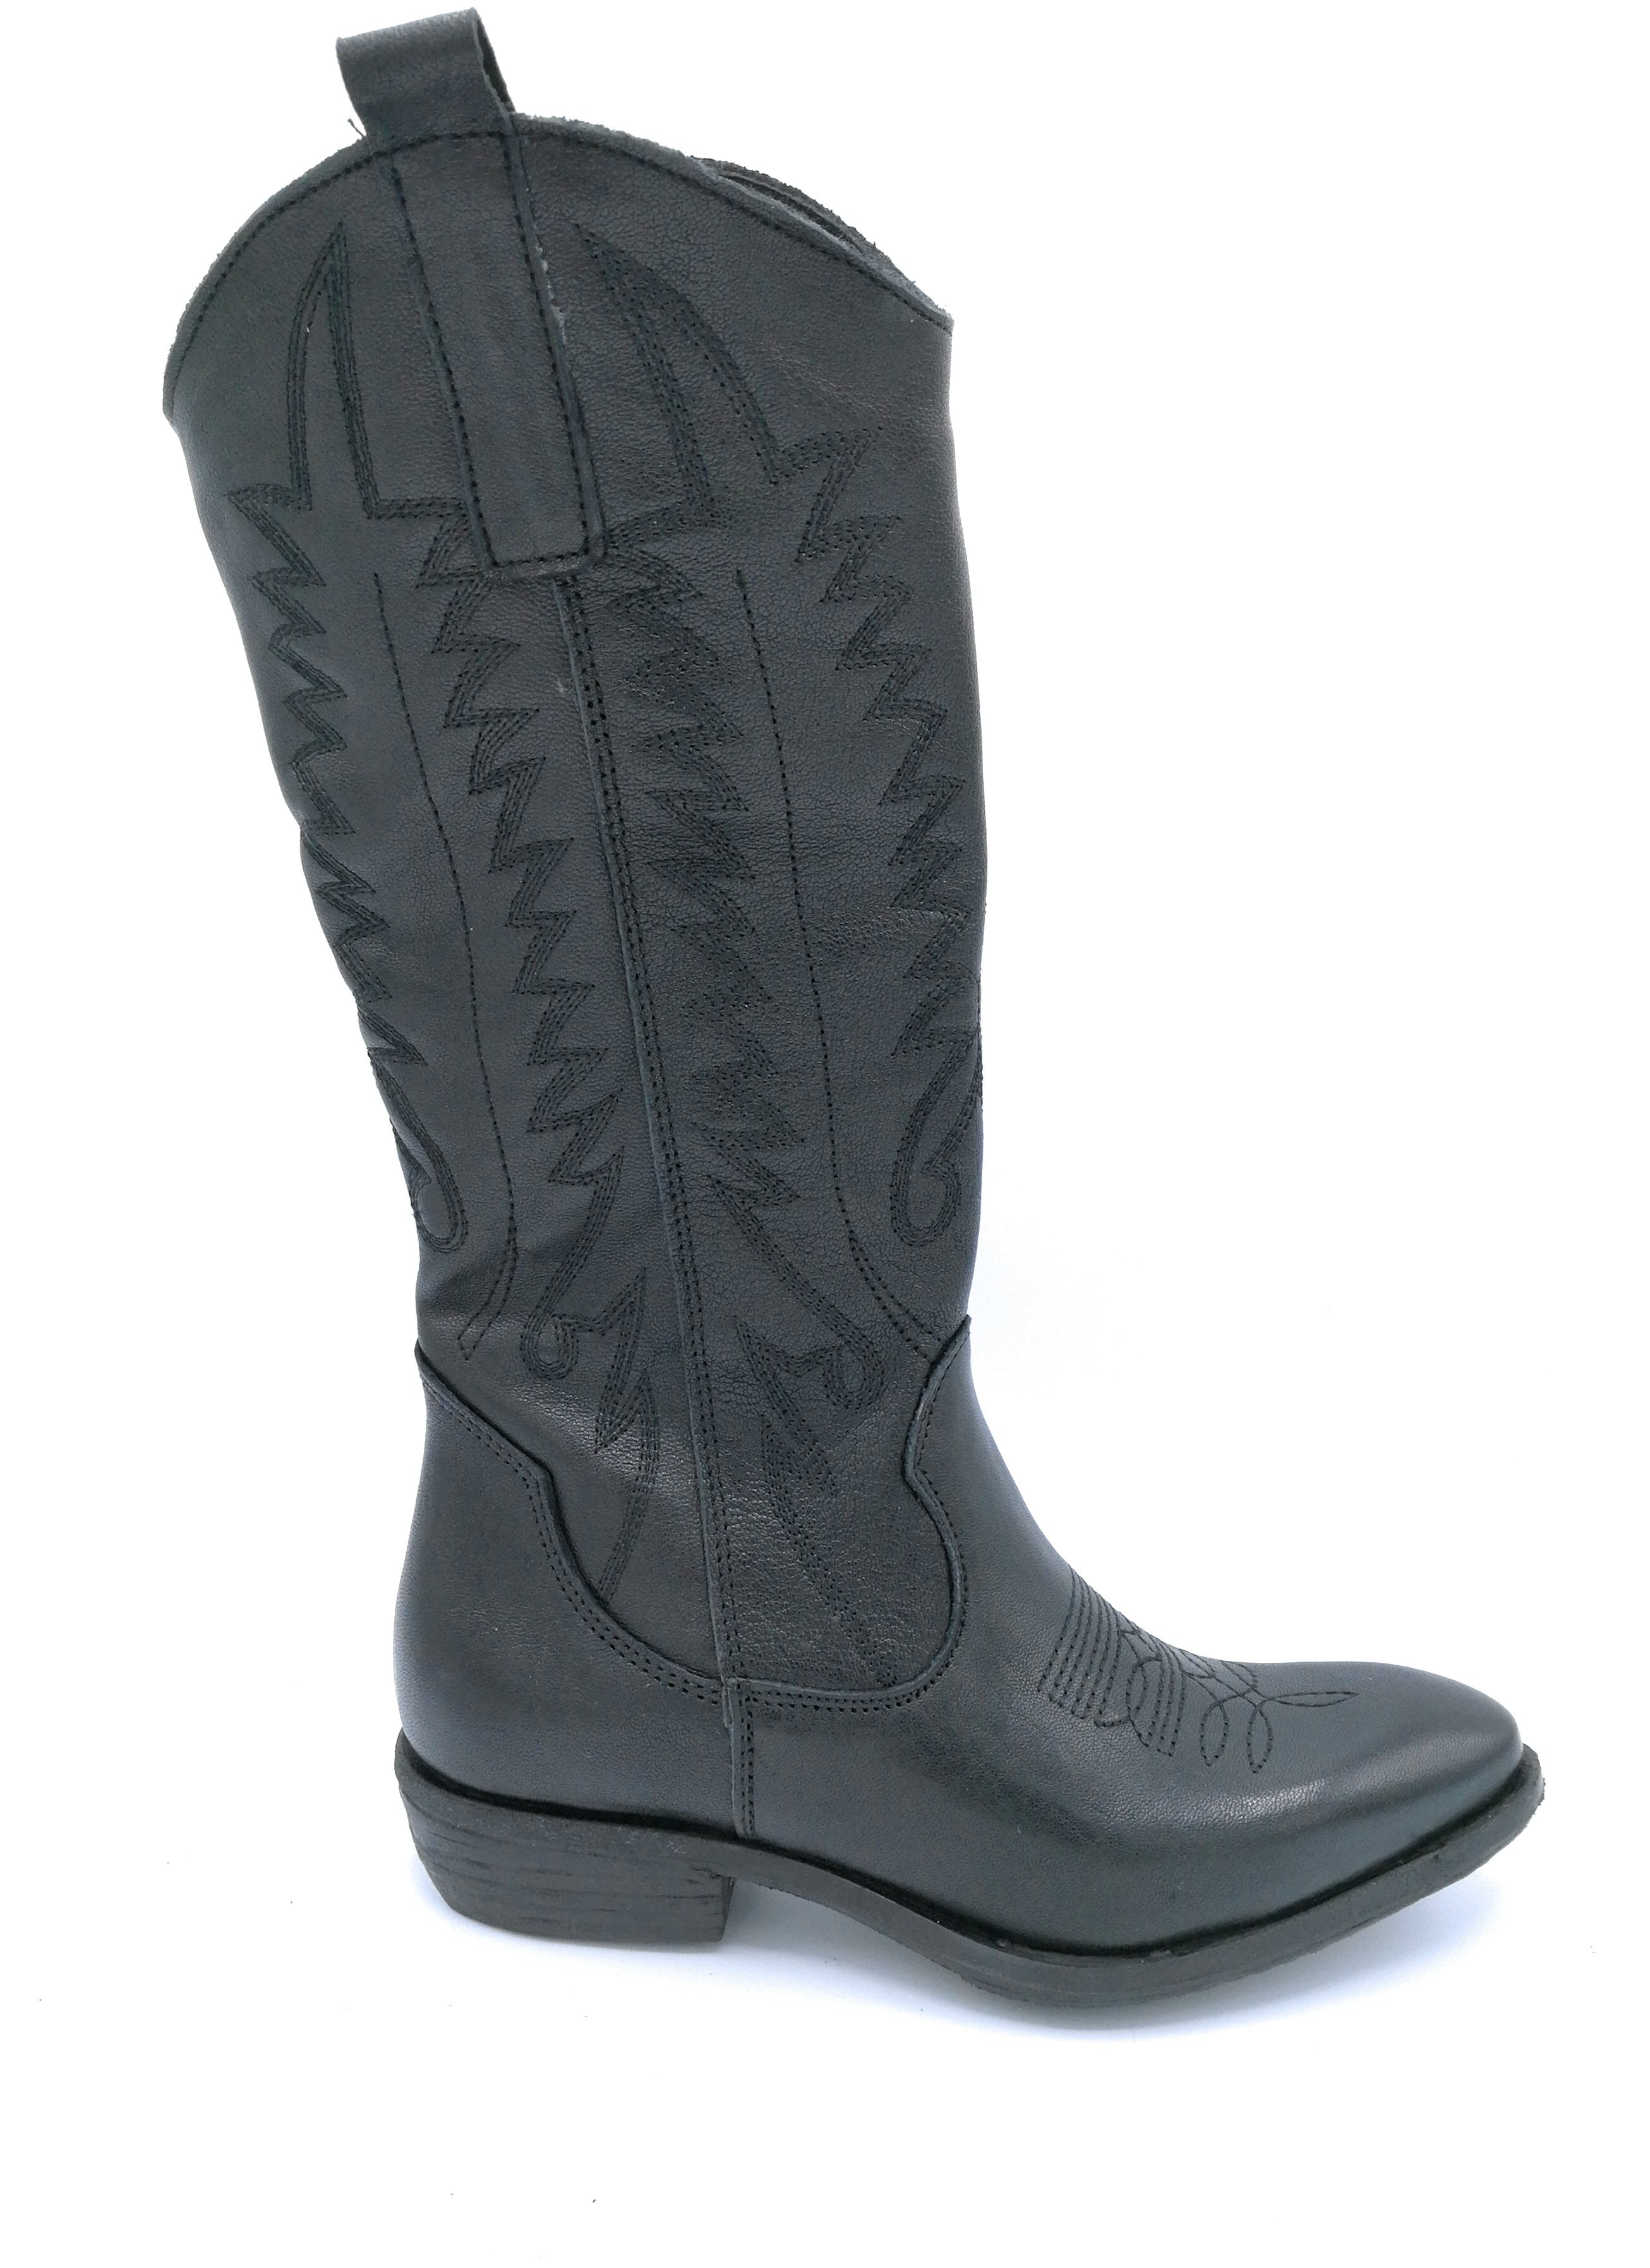 Ovye MS75 Kruste Stiefel Texanisch Kruste MS75 schwarz mit Stickerei b27f1c